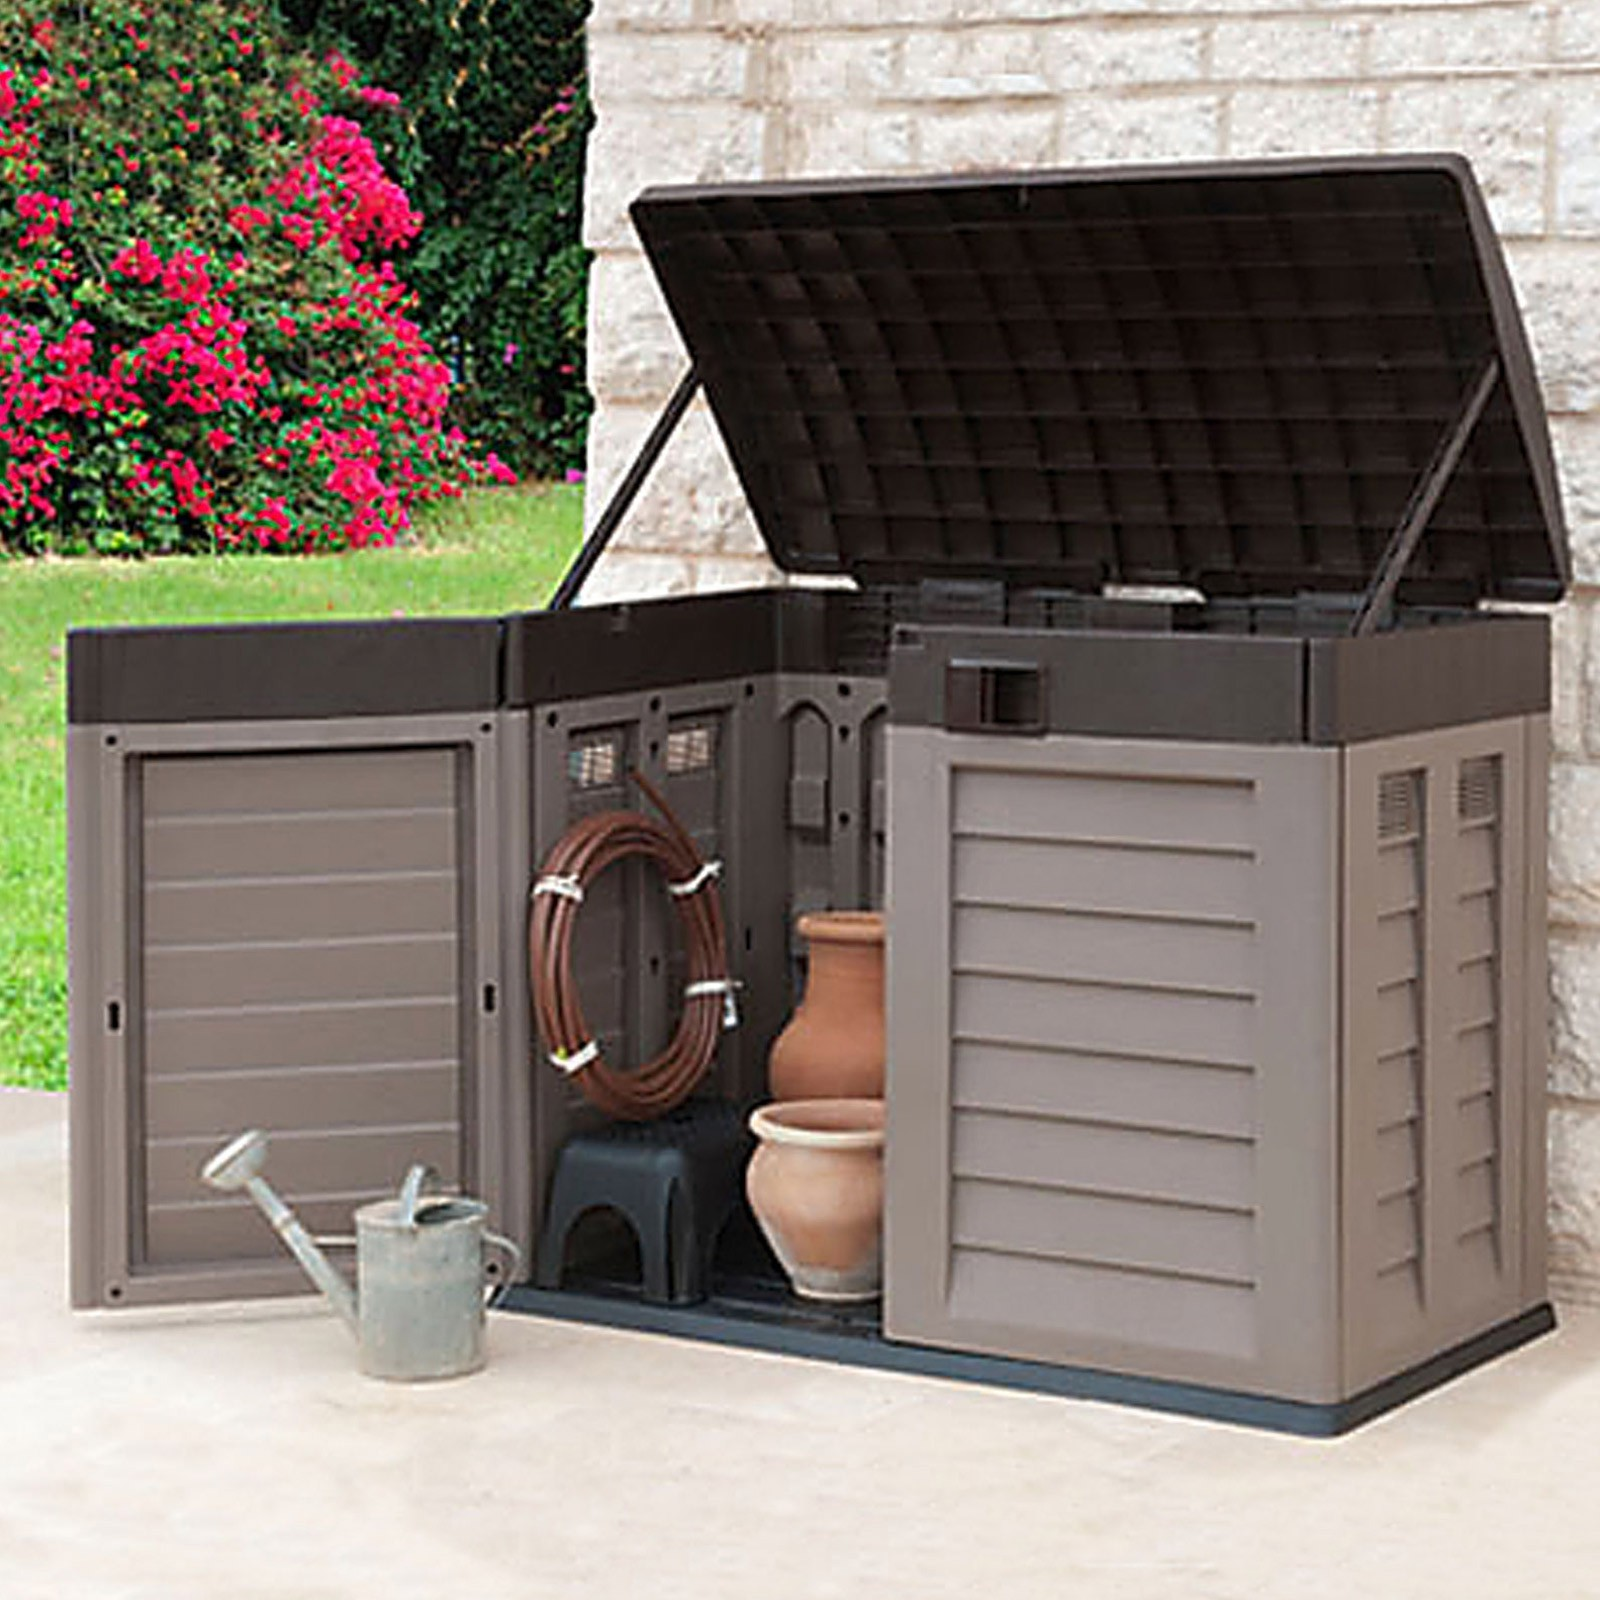 Bekannt Garten Geräte Aufbewahrungsbox / Mülltonnenbox 2 x 240 = 480 Liter ZE39